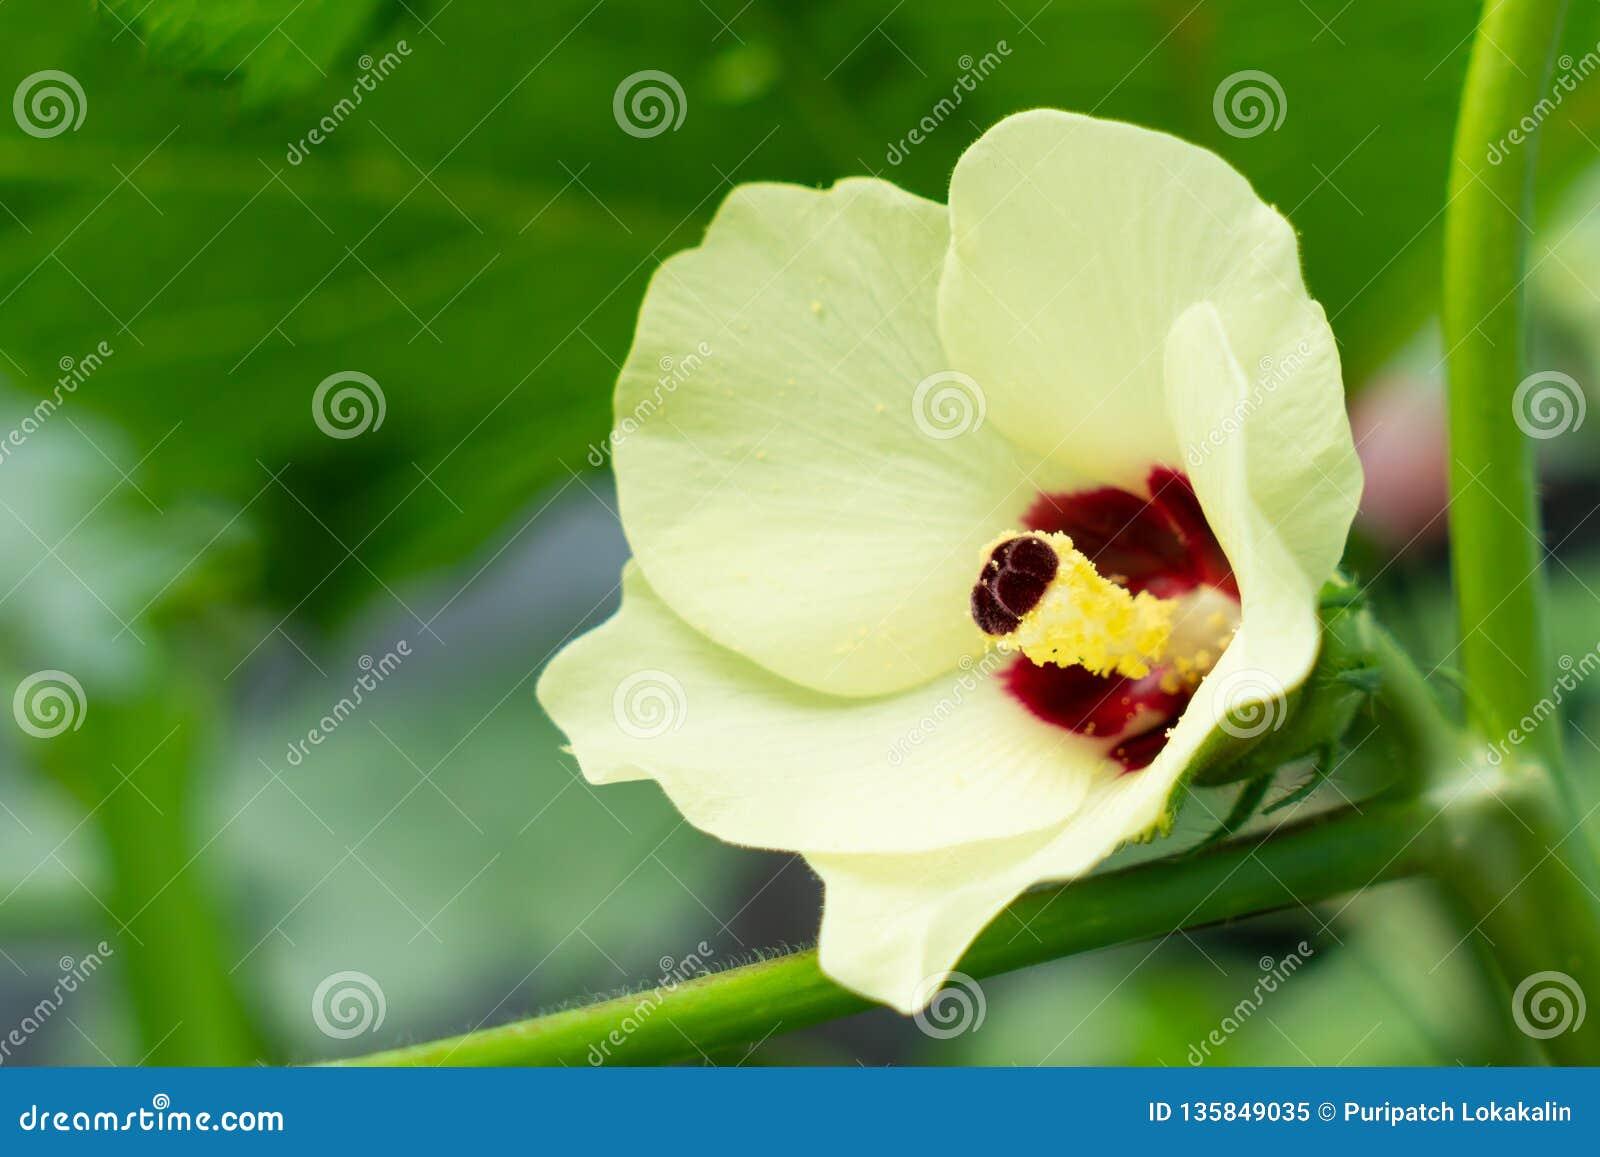 Fleur esculentus de gombo ou d abelmoschus